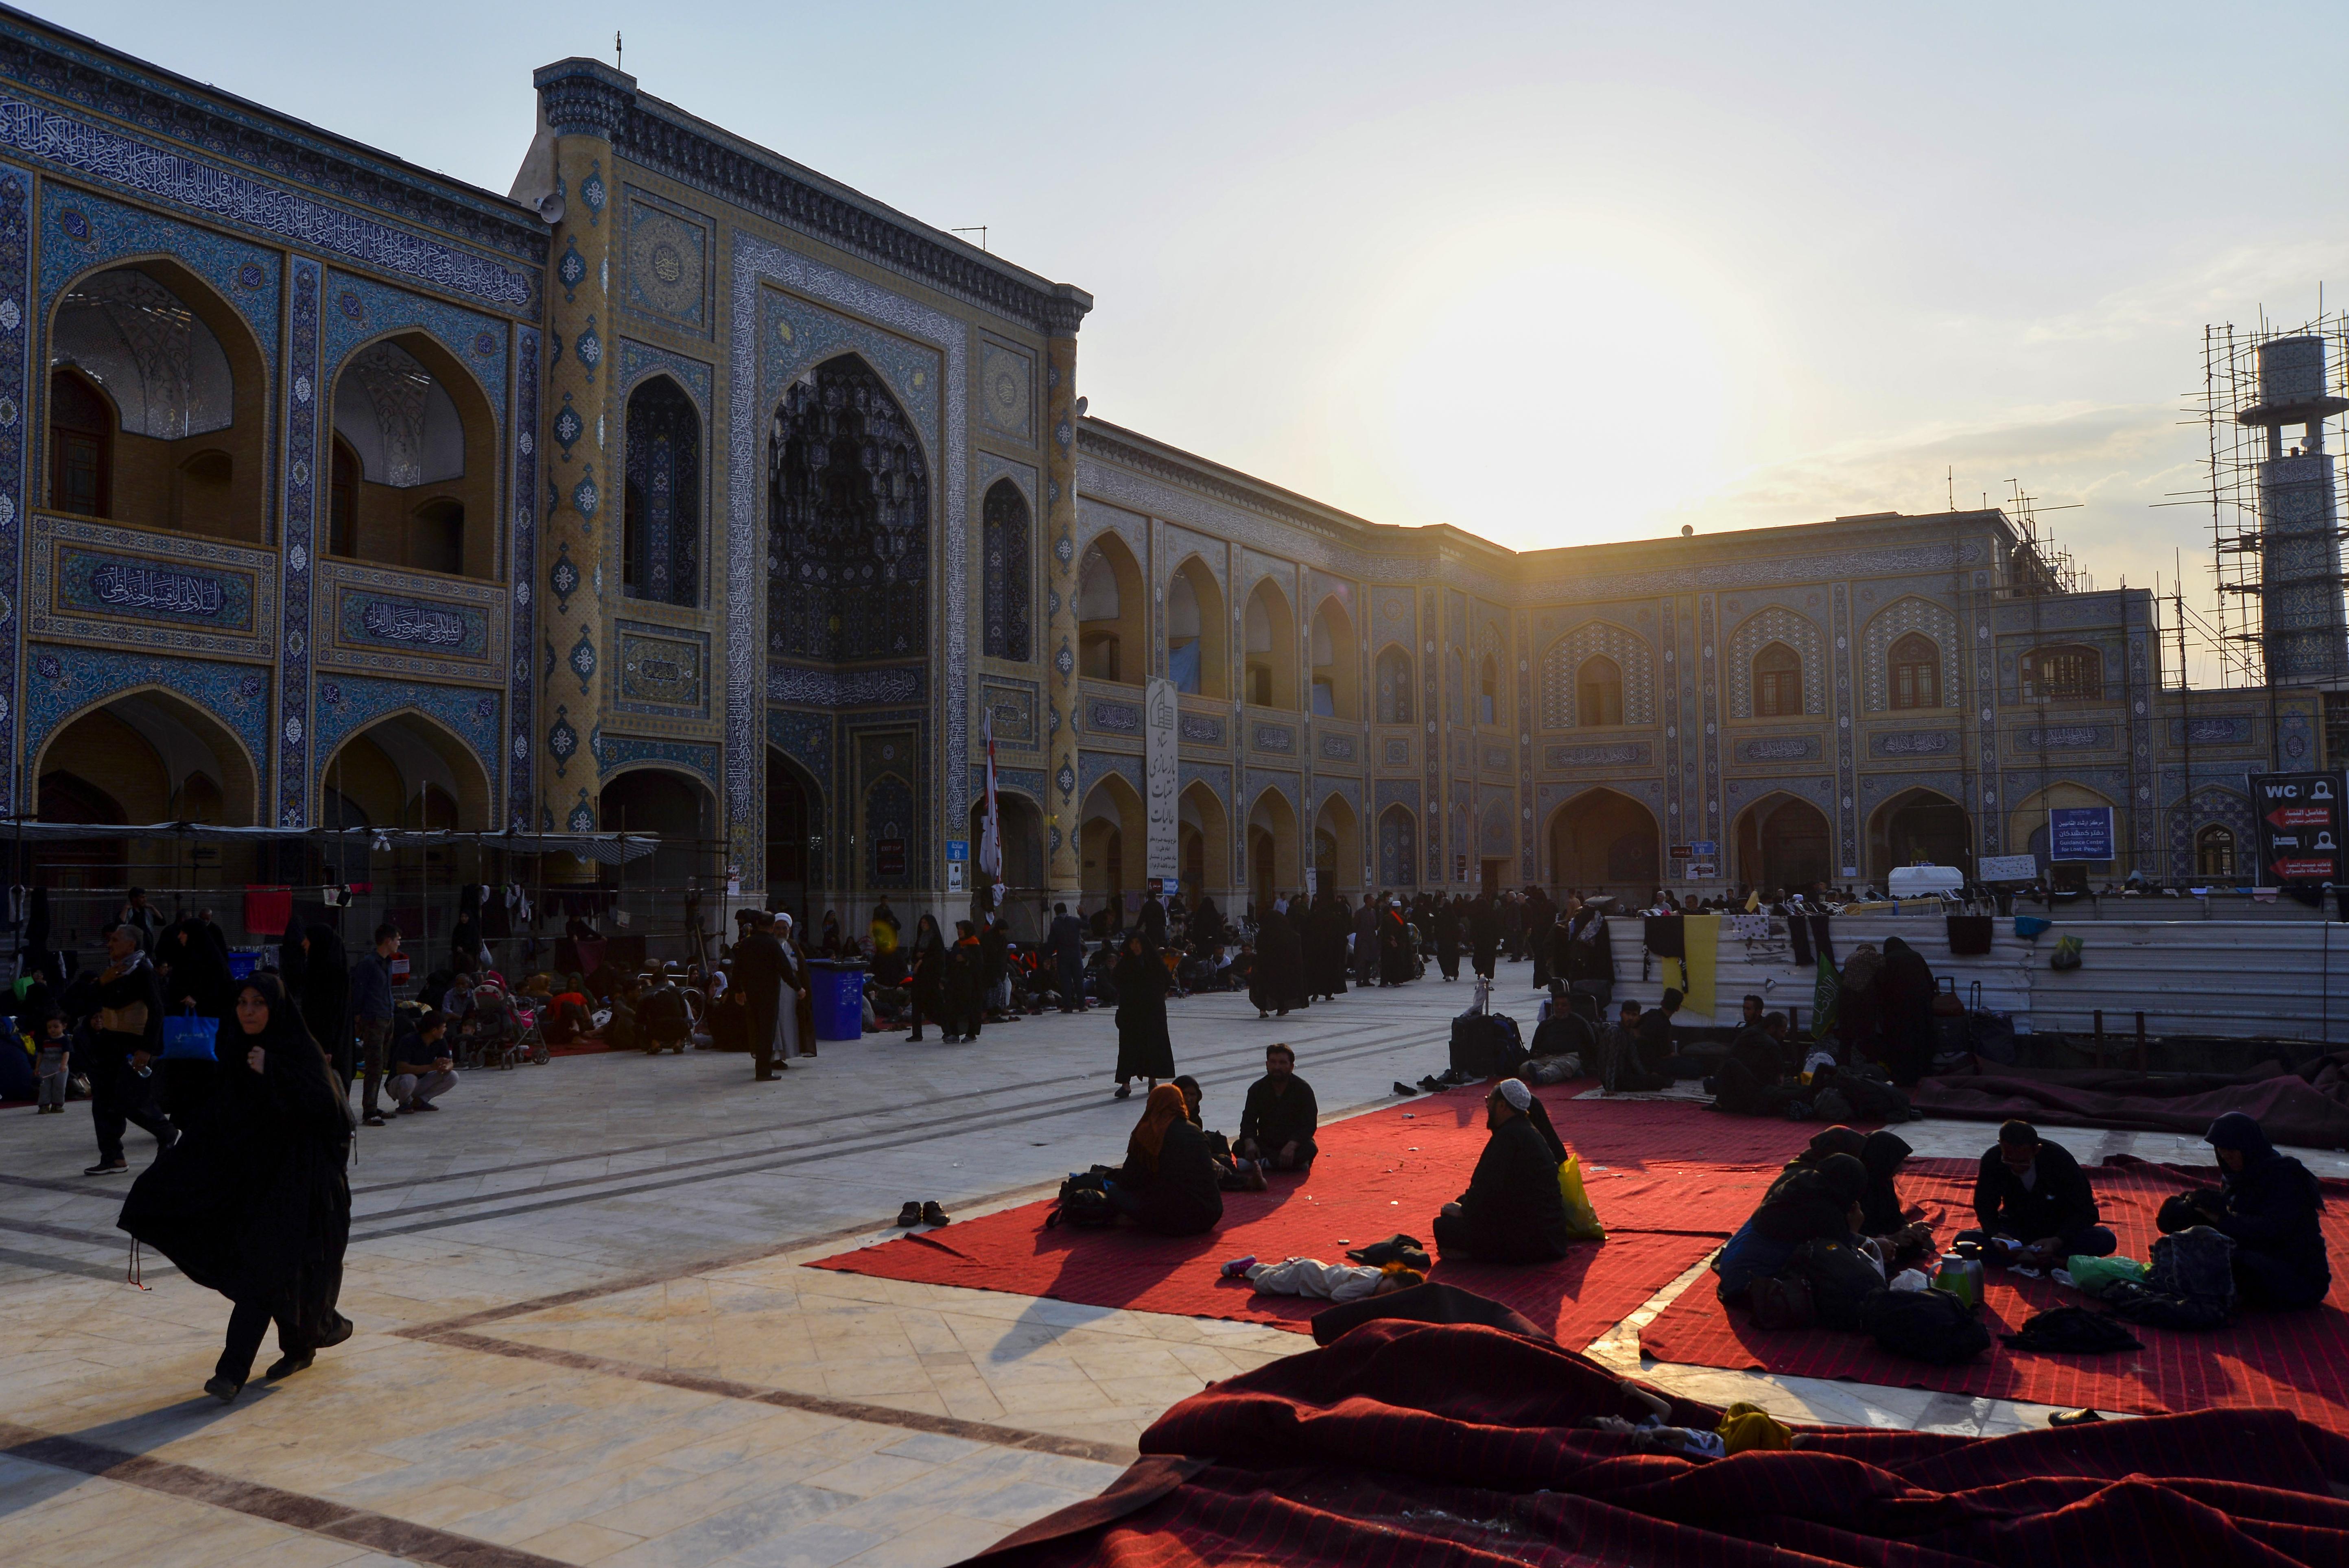 شيعة إيرانيون وأفغان يزورون جامع فاطمة الزهراء في 18 أكتوبر 2019 في مدينة النجف